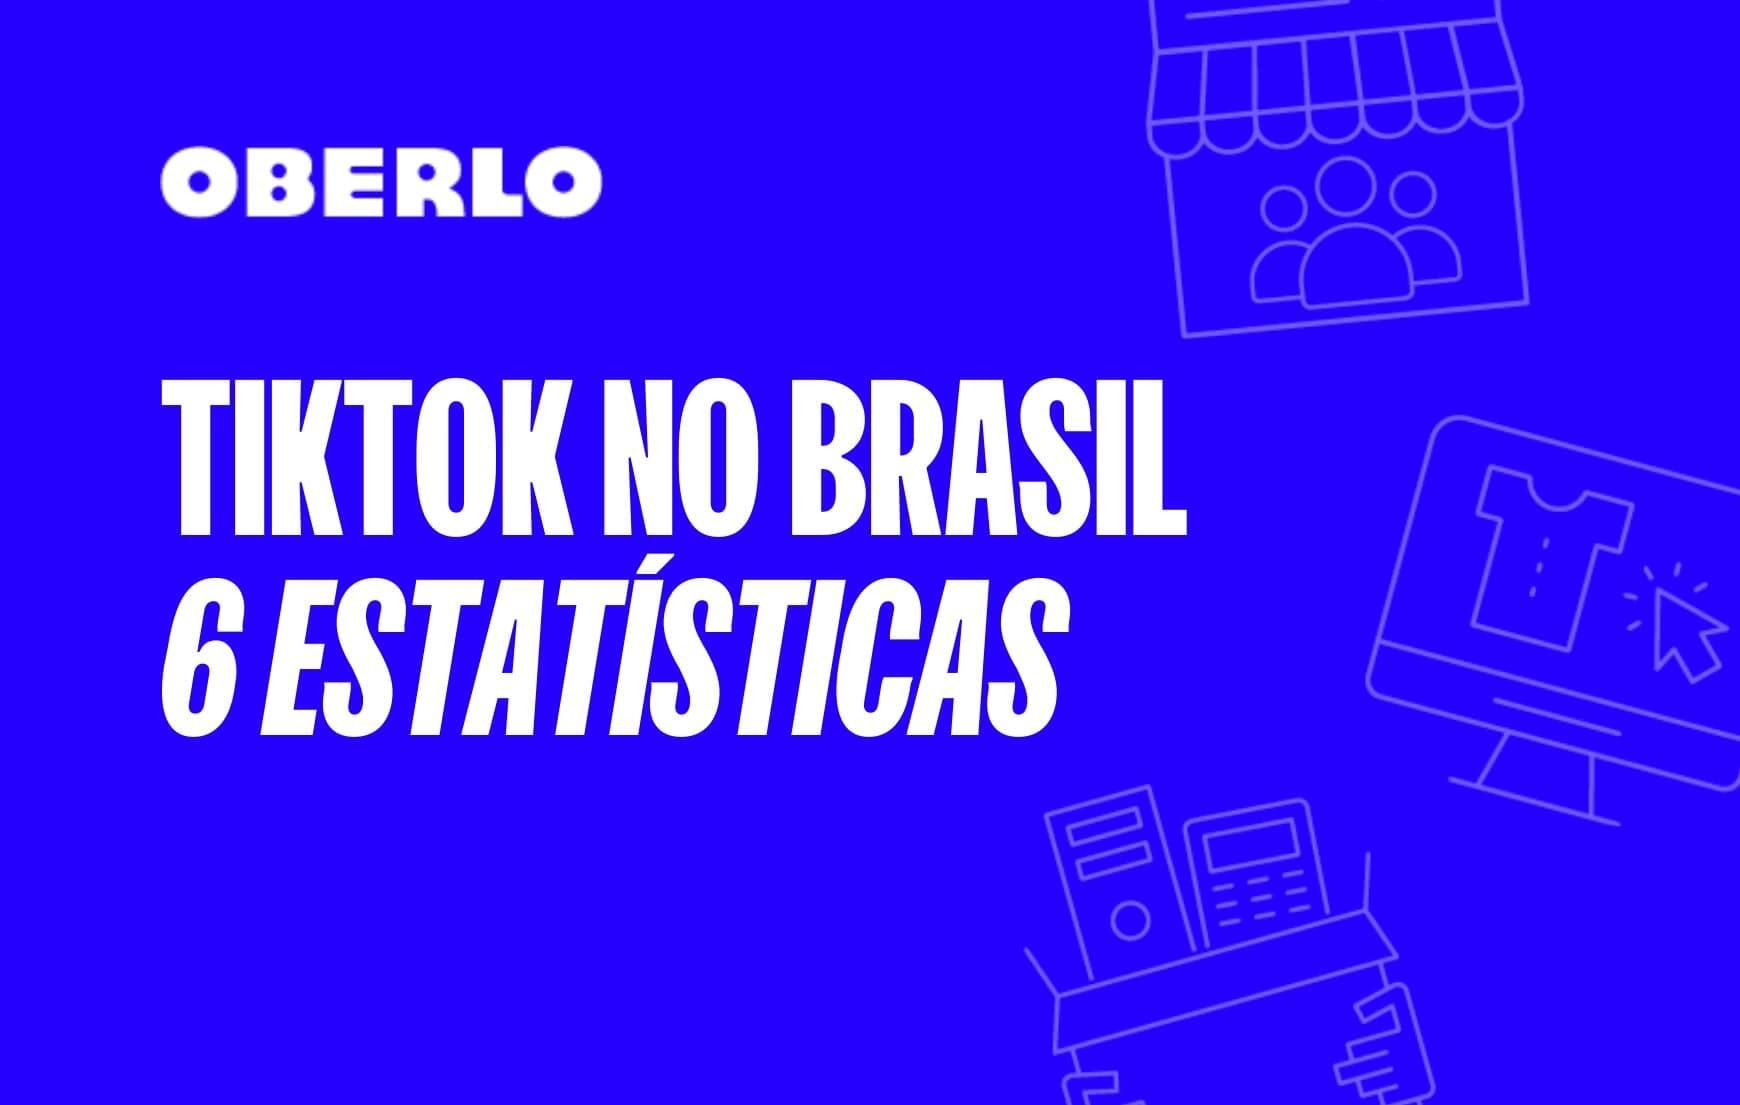 Nova rede social em números: TikTok no Brasil [INFOGRÁFICO] | Oberlo